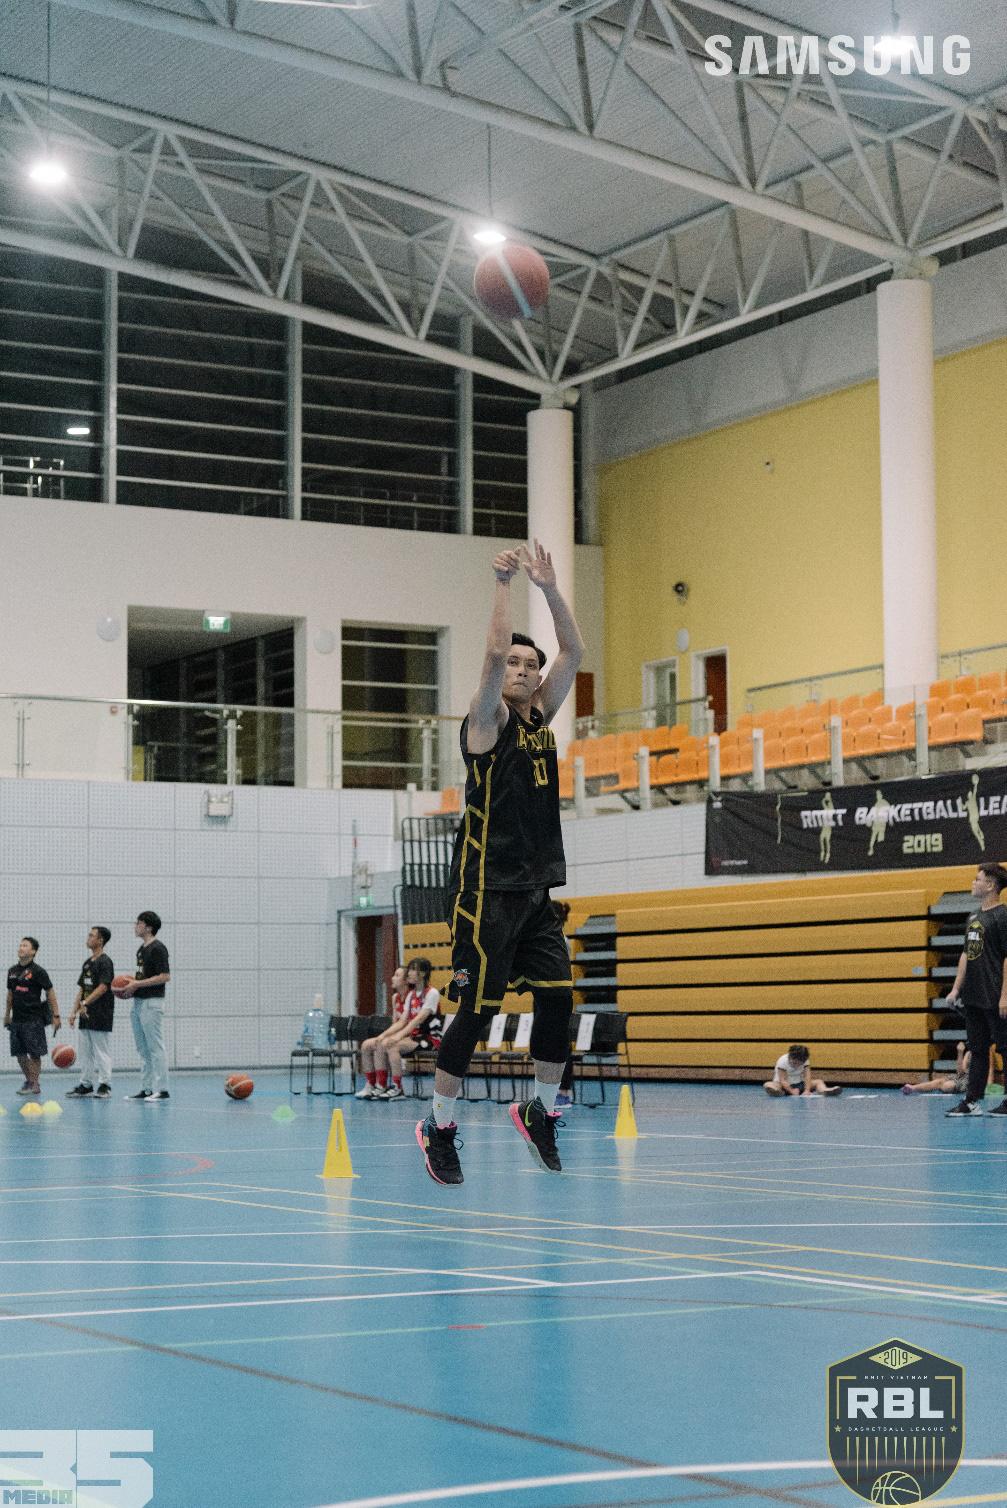 So tài nảy lửa tại RMIT Basketball League x Samsung All-Star 2019 với tinh thần Làm Điều Không Thể - Ảnh 1.